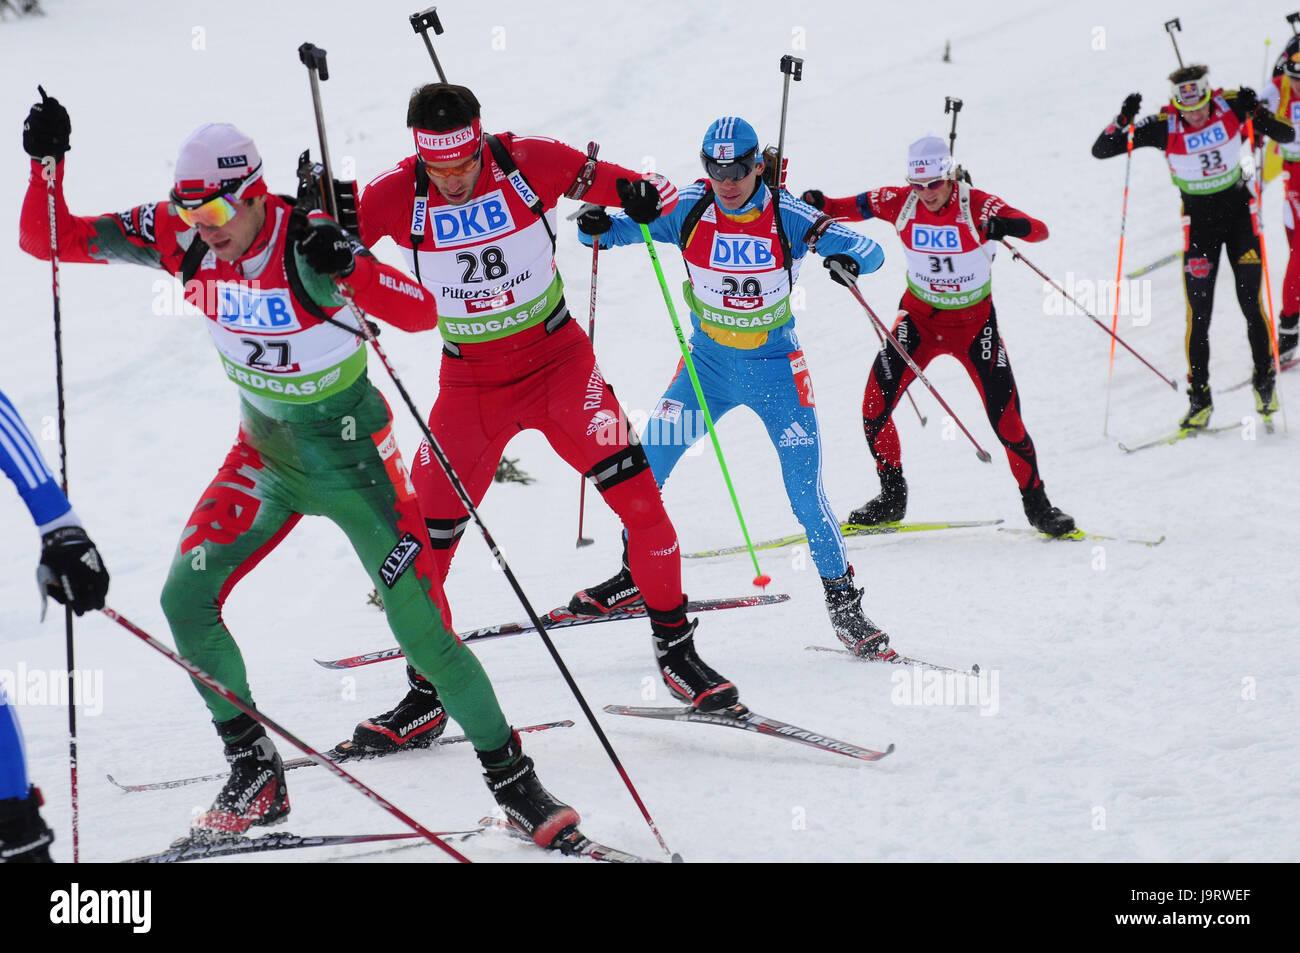 Biathlon,event,pursuit,athlete,motion, - Stock Image